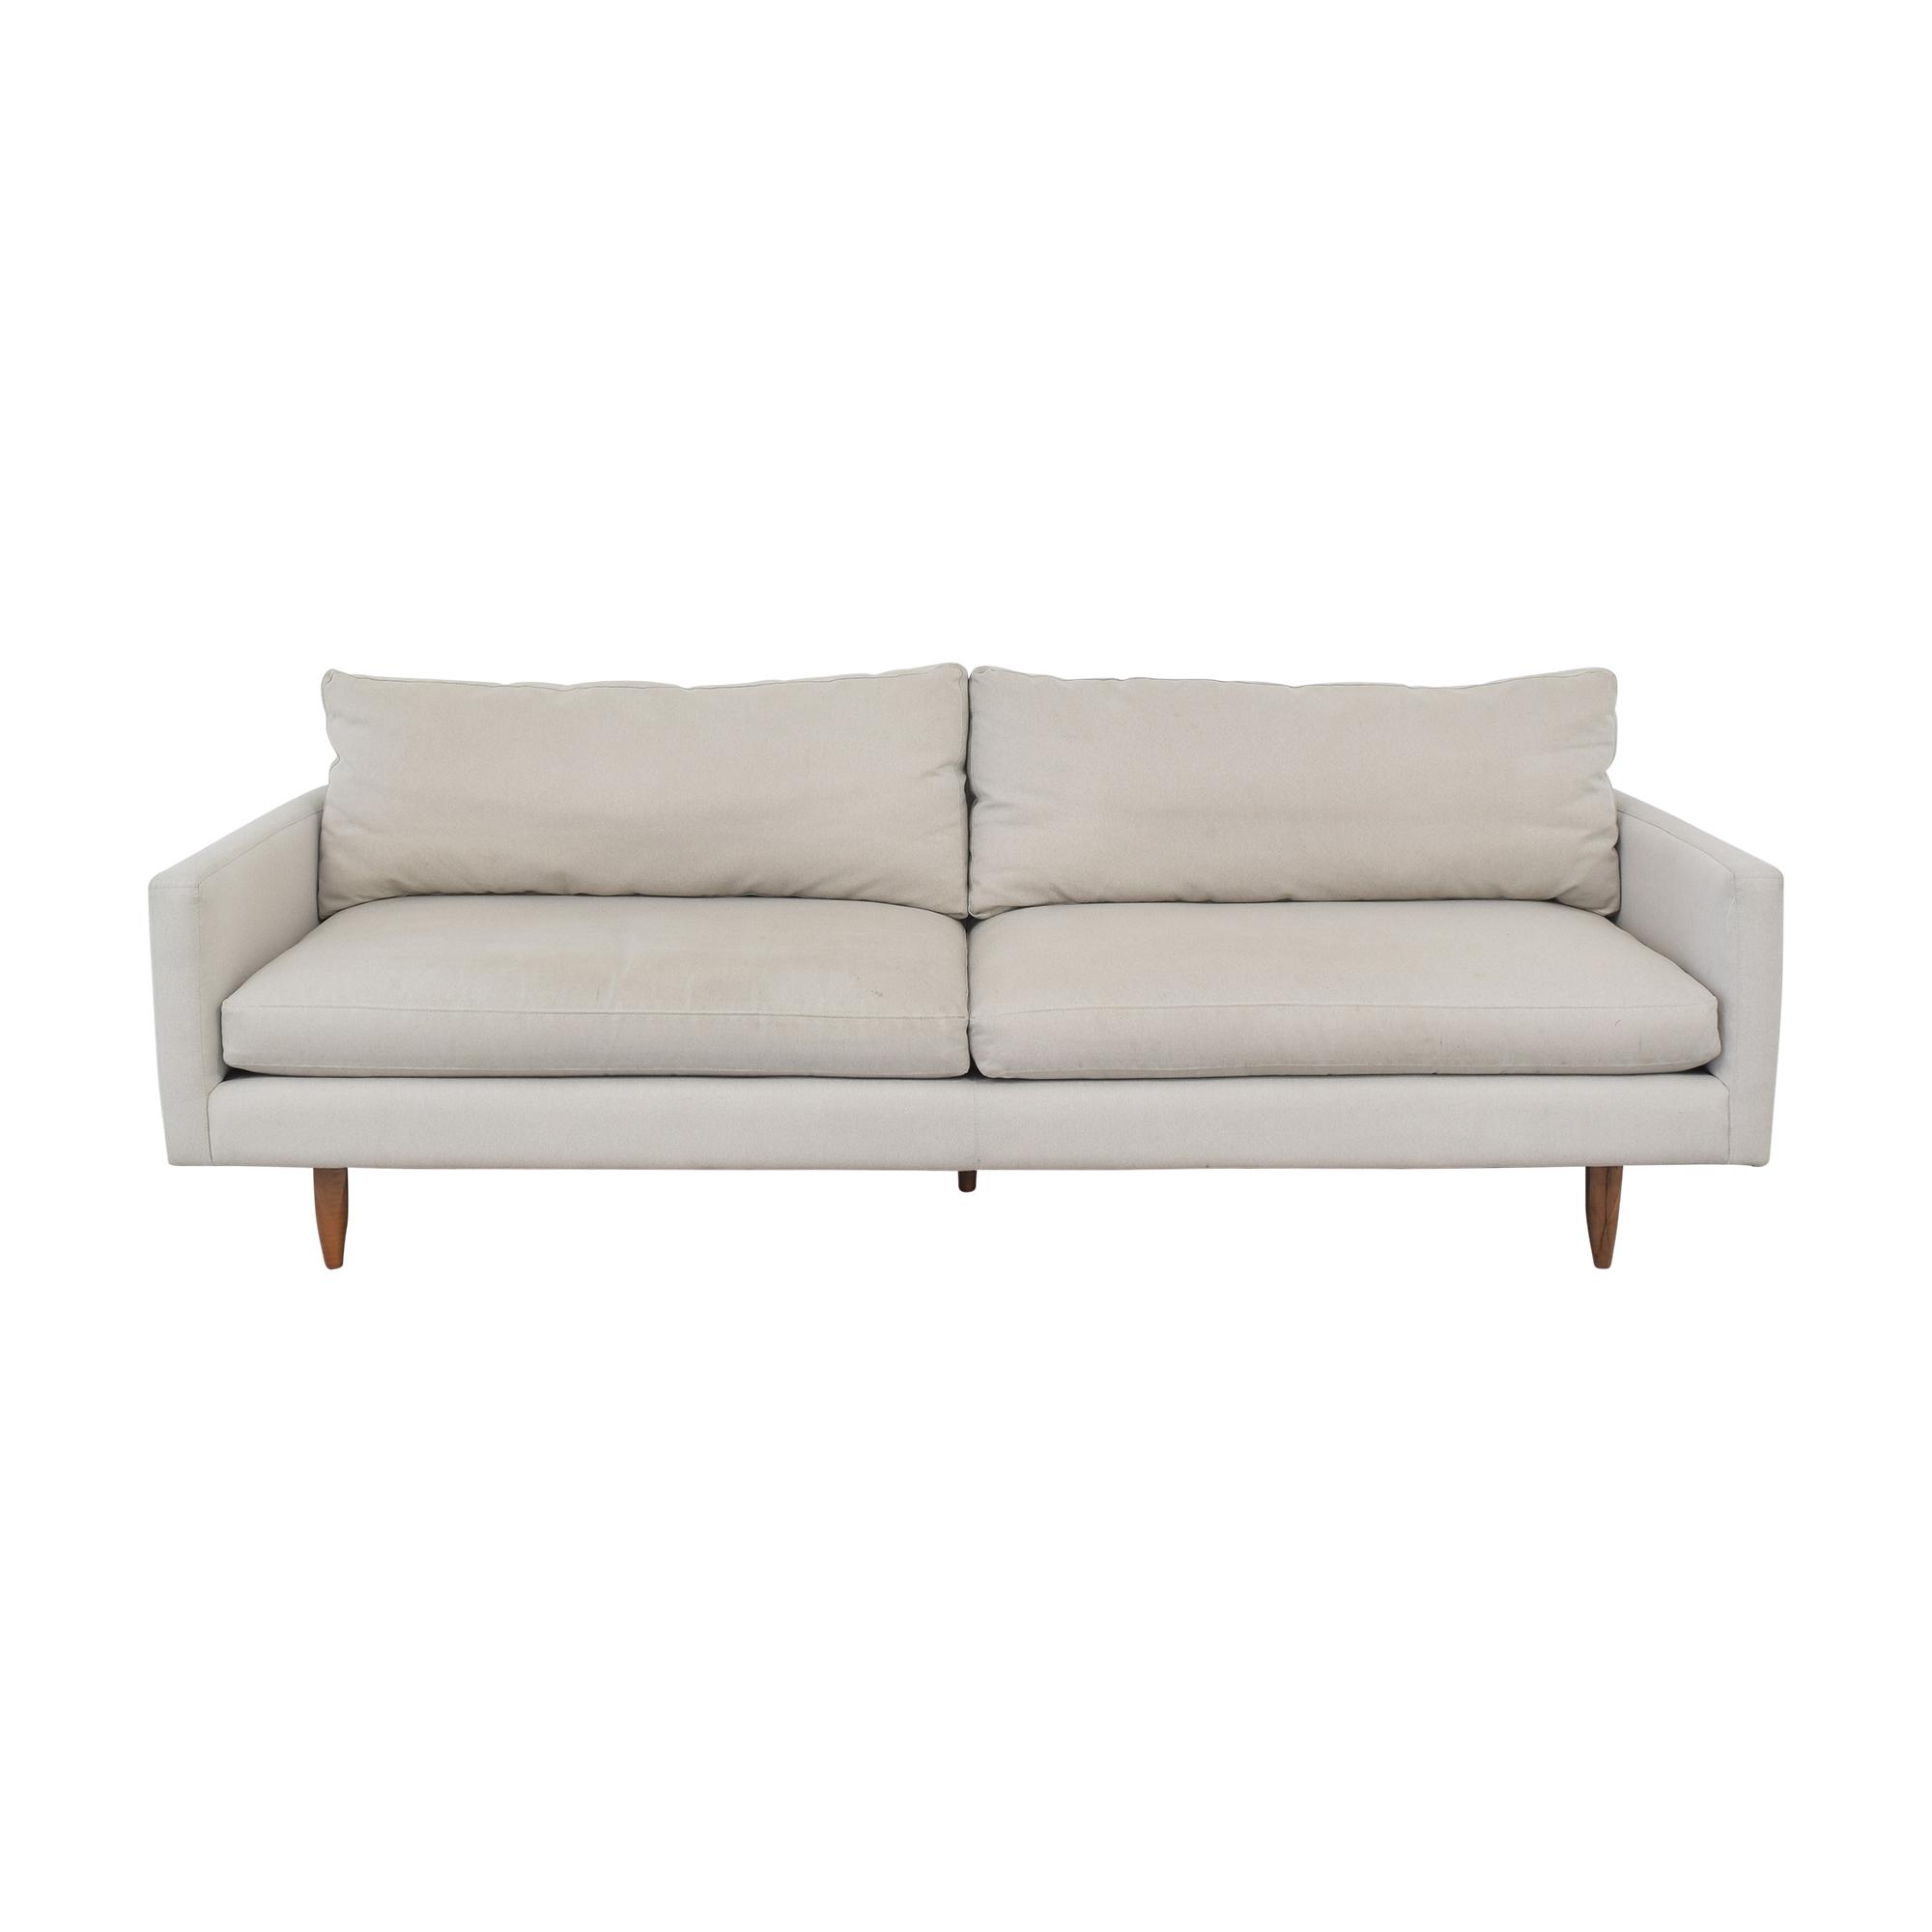 Room & Board Room & Board Jesper Sofa price